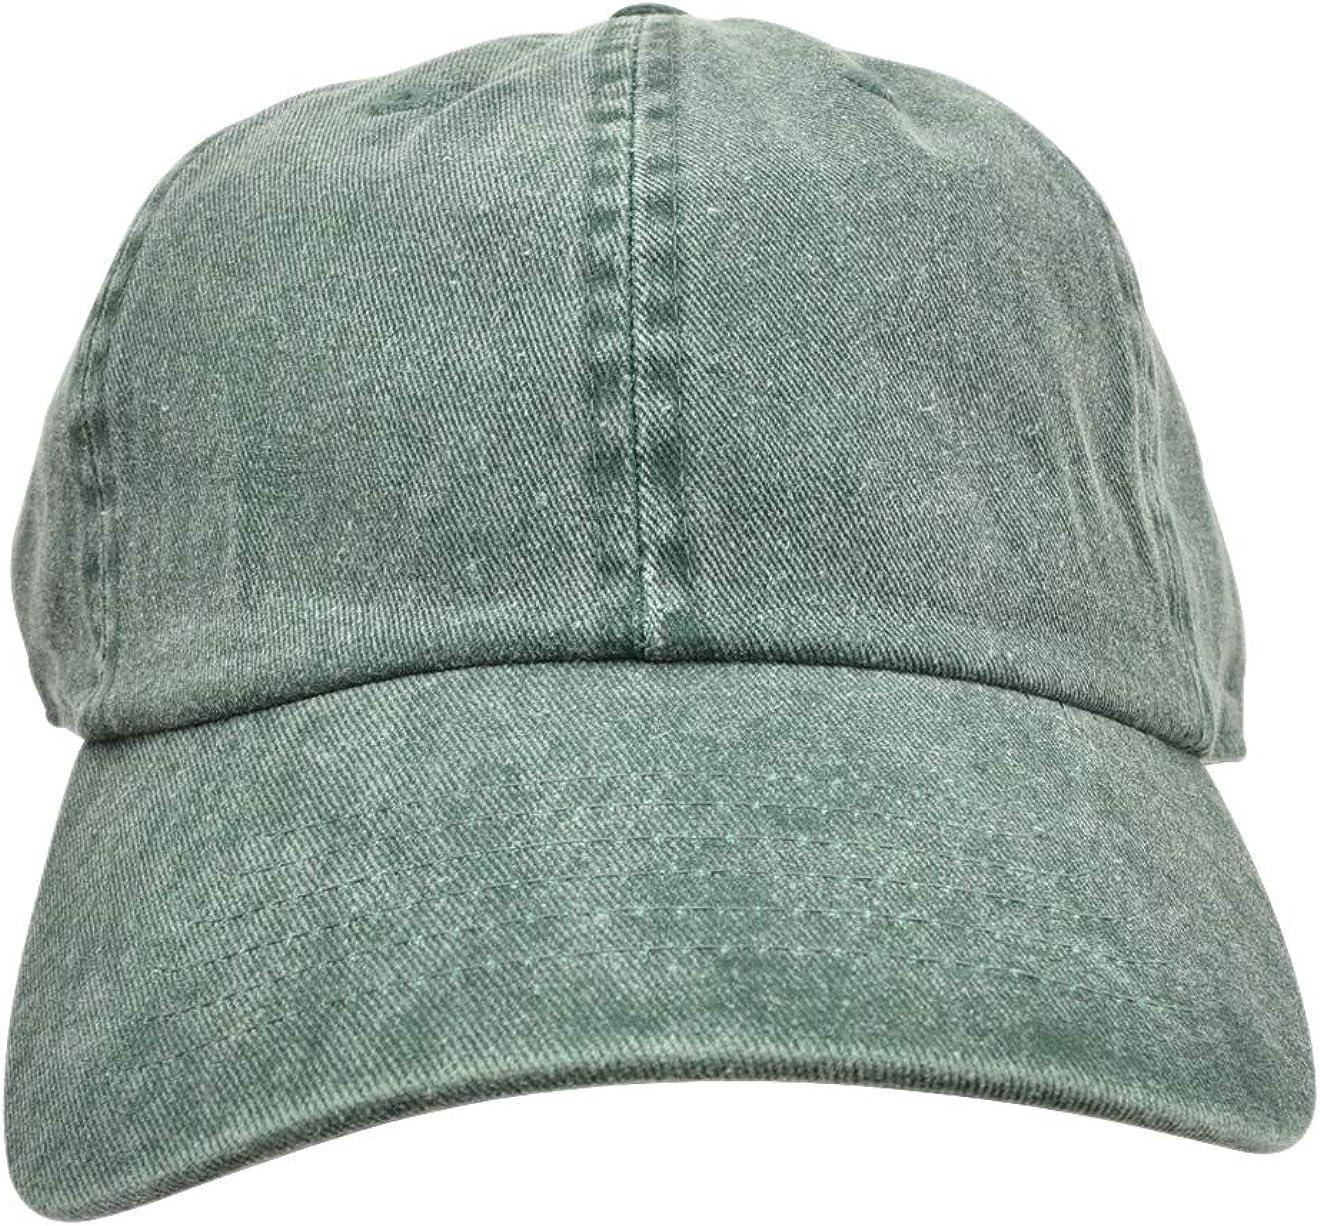 Amazon Co Jp Newhattan Cotton Pigment Dyde Cap Cotton Pigment Cap 13384 Green Clothing Accessories